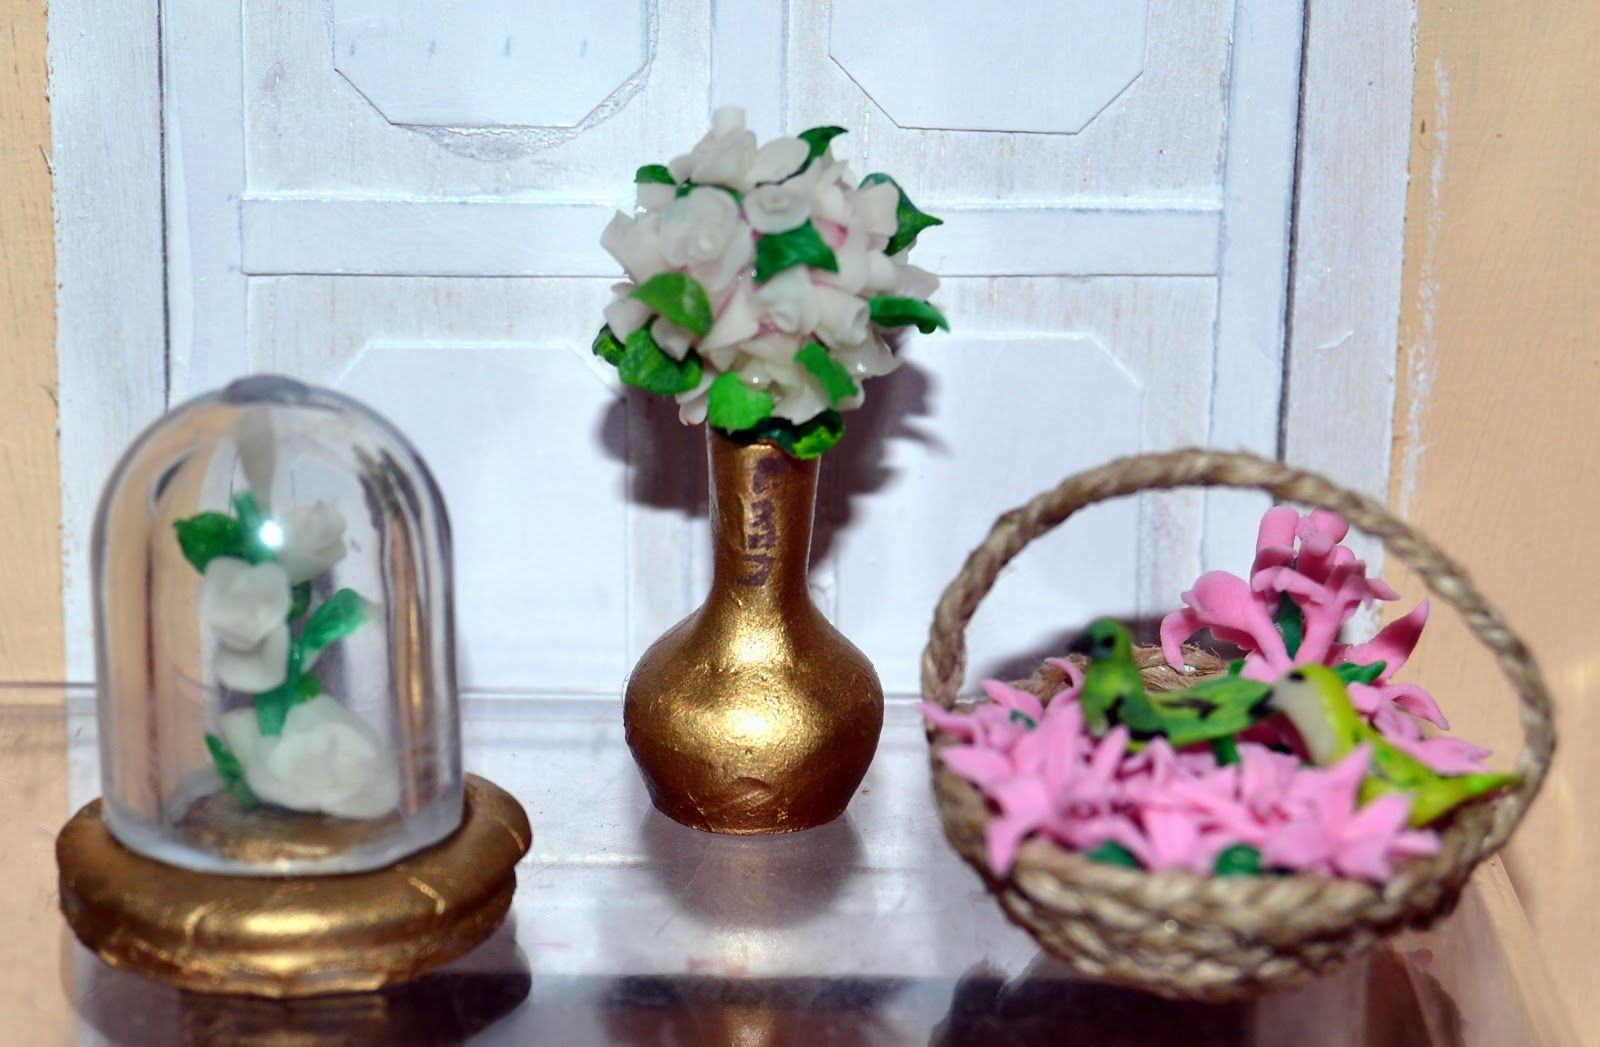 MIS MINIATURAS Y YO: DECORANDO CON FLORES Y TUNEOS - DECORATING WITH FLOWERS AND TUNEOS